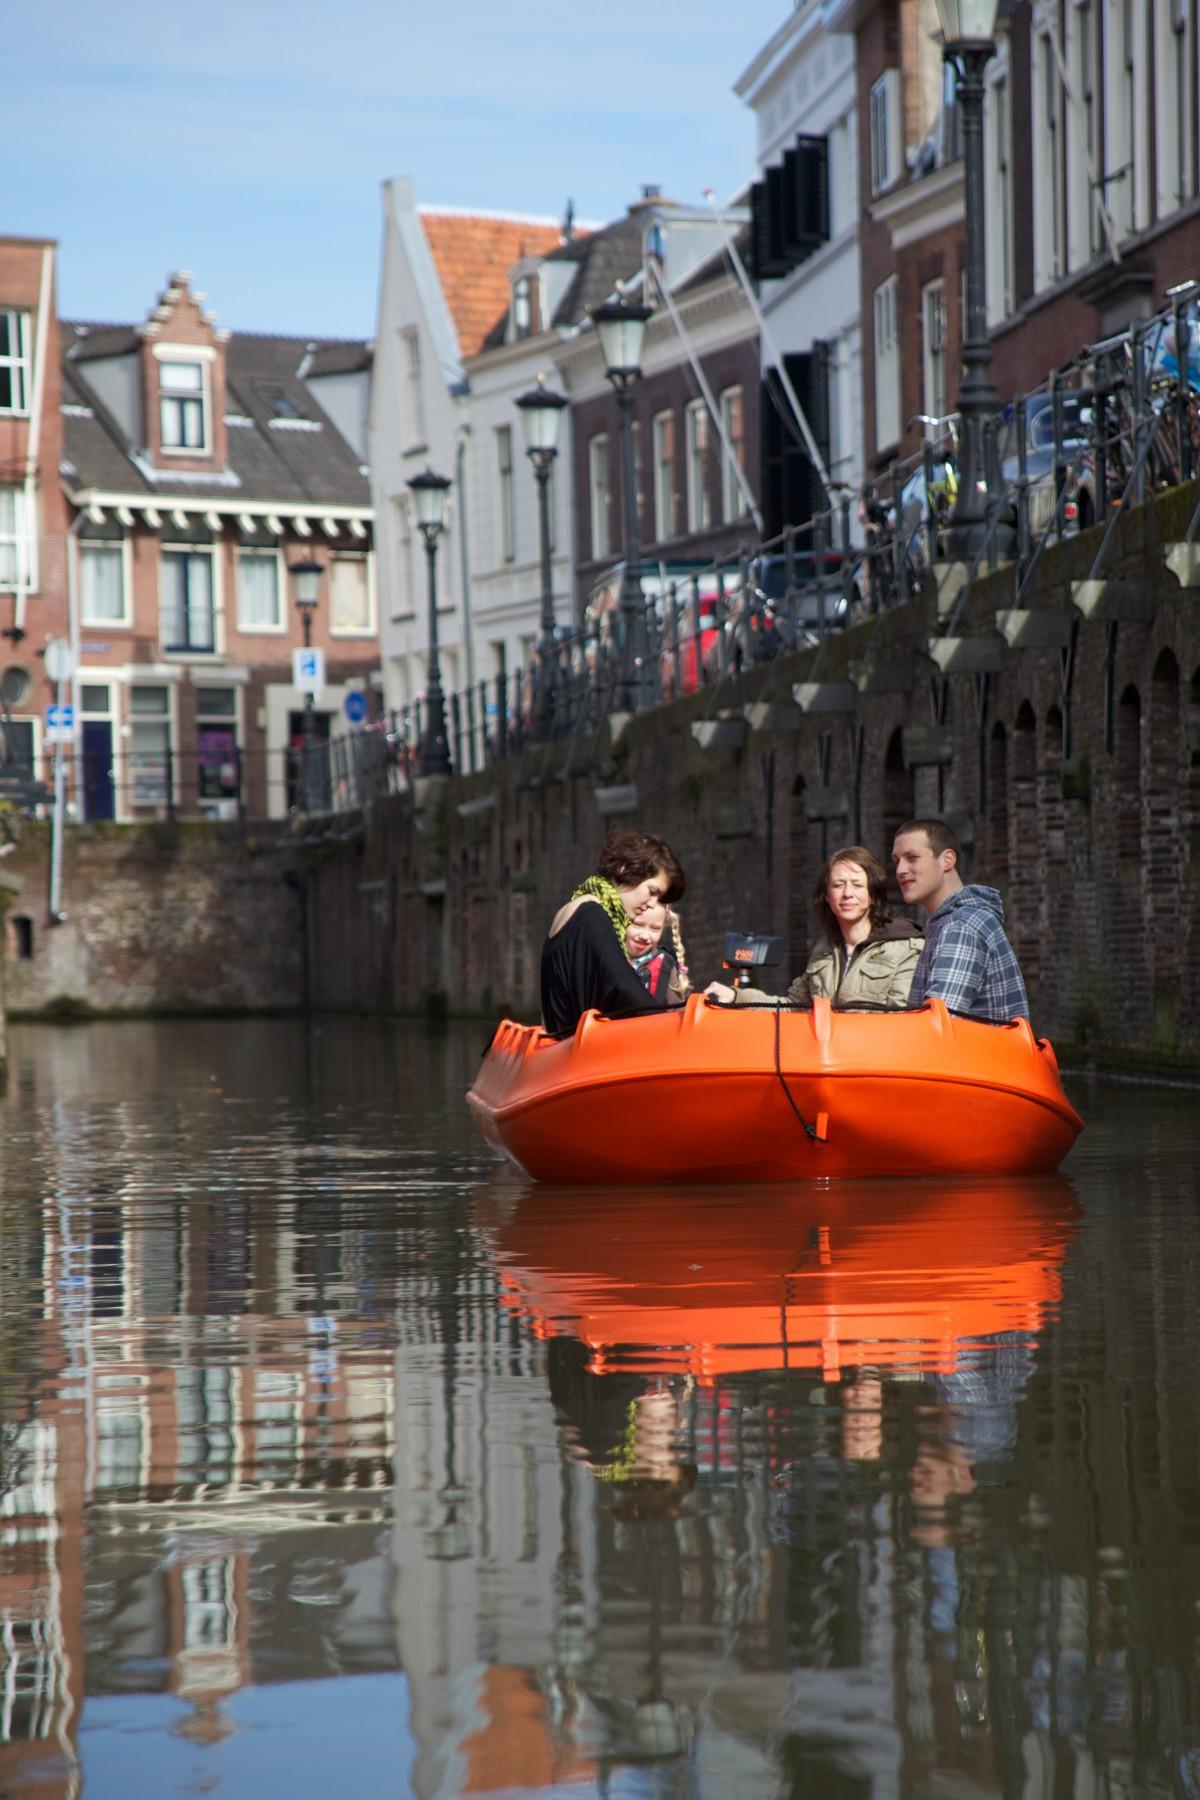 Fluisterboot-in-de-stad-c-Kanoverhuur-Utrecht-e1481206204165